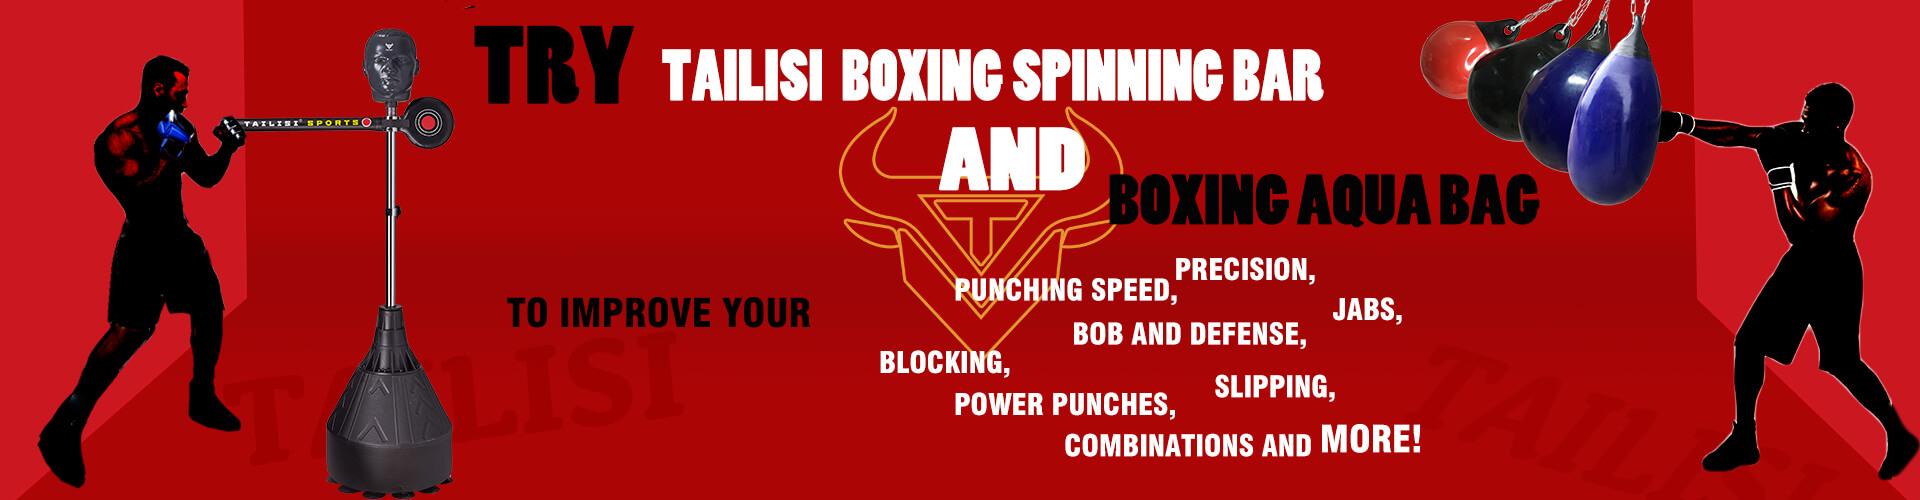 TAILISI BOXING SPINNING BAR AND BOXING AQUA BAG BANNER 2021052002